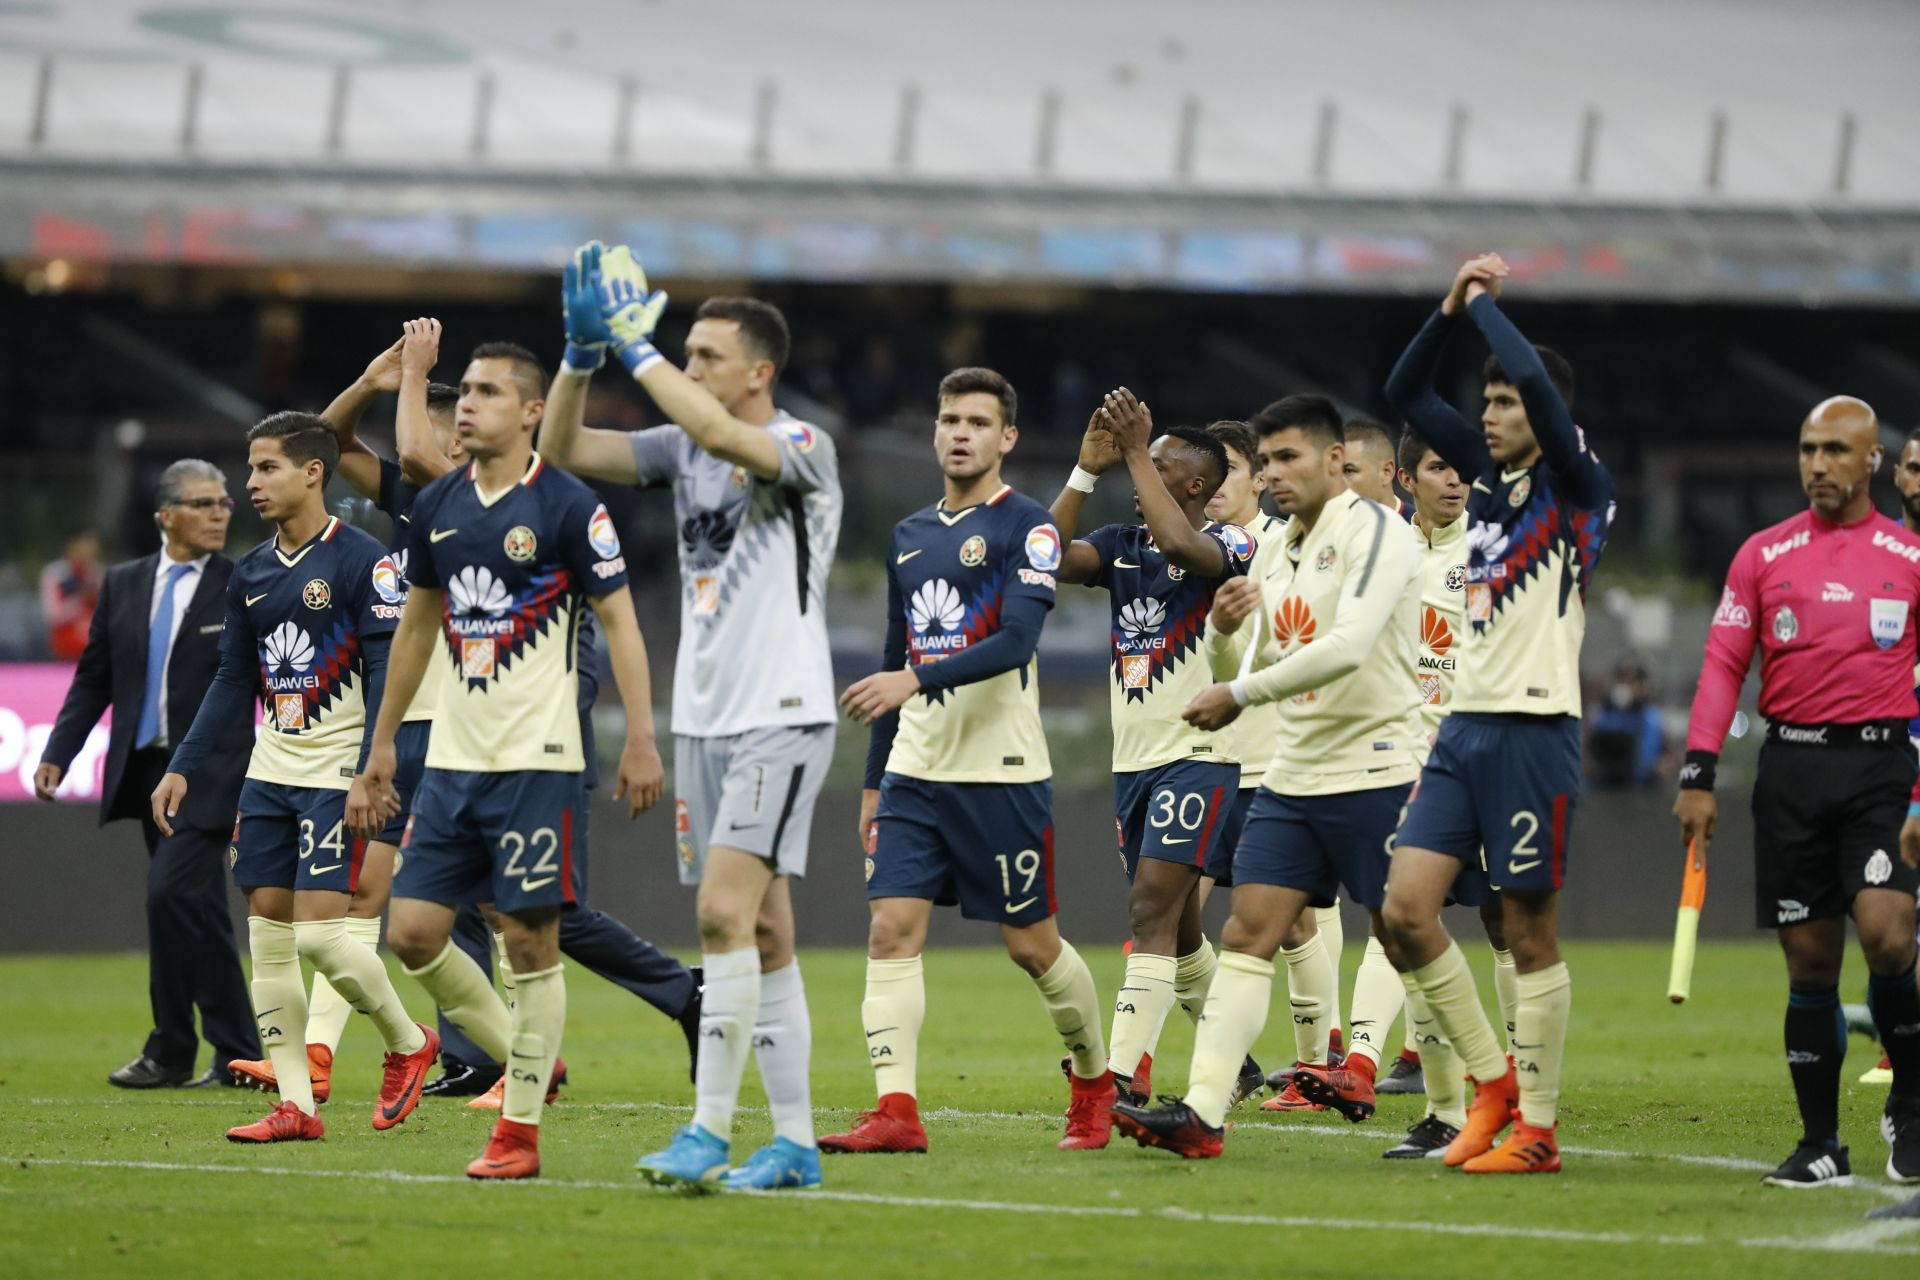 Jugadores de América festejan tras el juego de vuelta de los cuartos de final del torneo mexicano de fútbol, entre el América y el Cruz Azul, celebrado en el estadio Azteca, en Ciudad de México, (México).